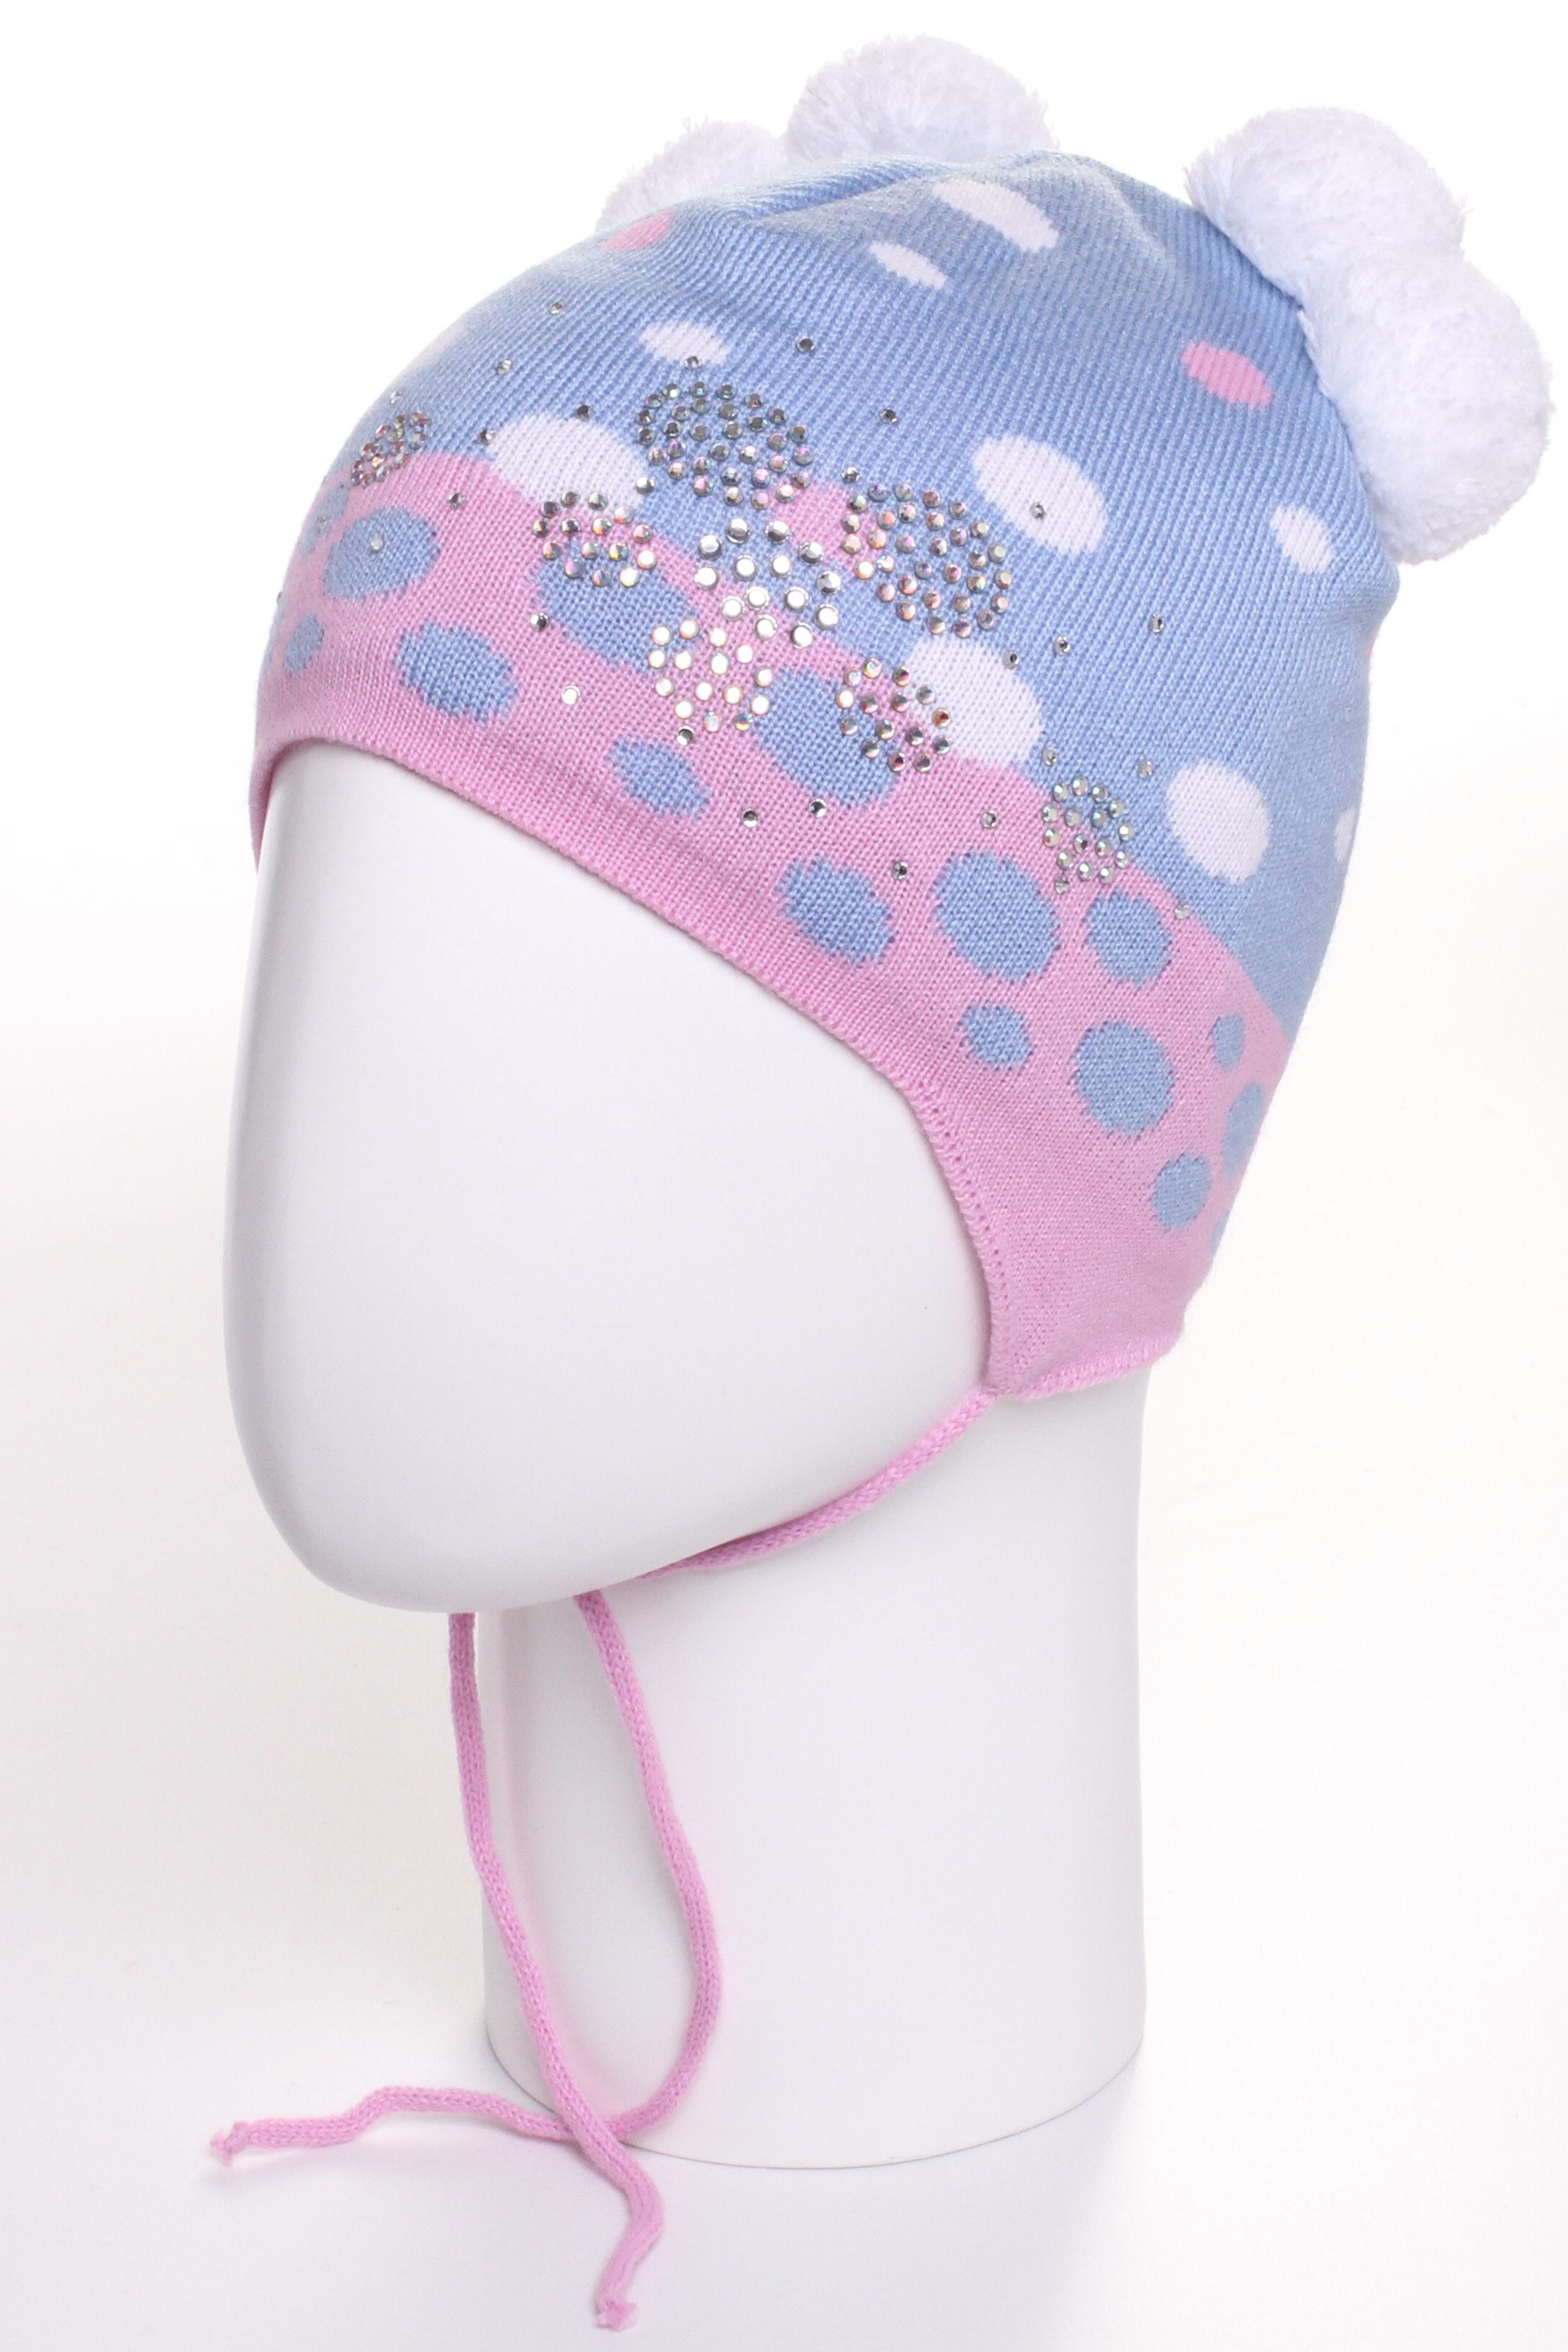 ШапкаГоловные уборы<br>Шапка для девочки защитит Вашего ребенка от непогоды и поднимет настроение.  Размер равен обхвату головы в сантиметрах.  Цвет: голубой, розовый и др.<br><br>По сезону: Зима<br>Размер : 48-52<br>Материал: Вязаное полотно<br>Количество в наличии: 1